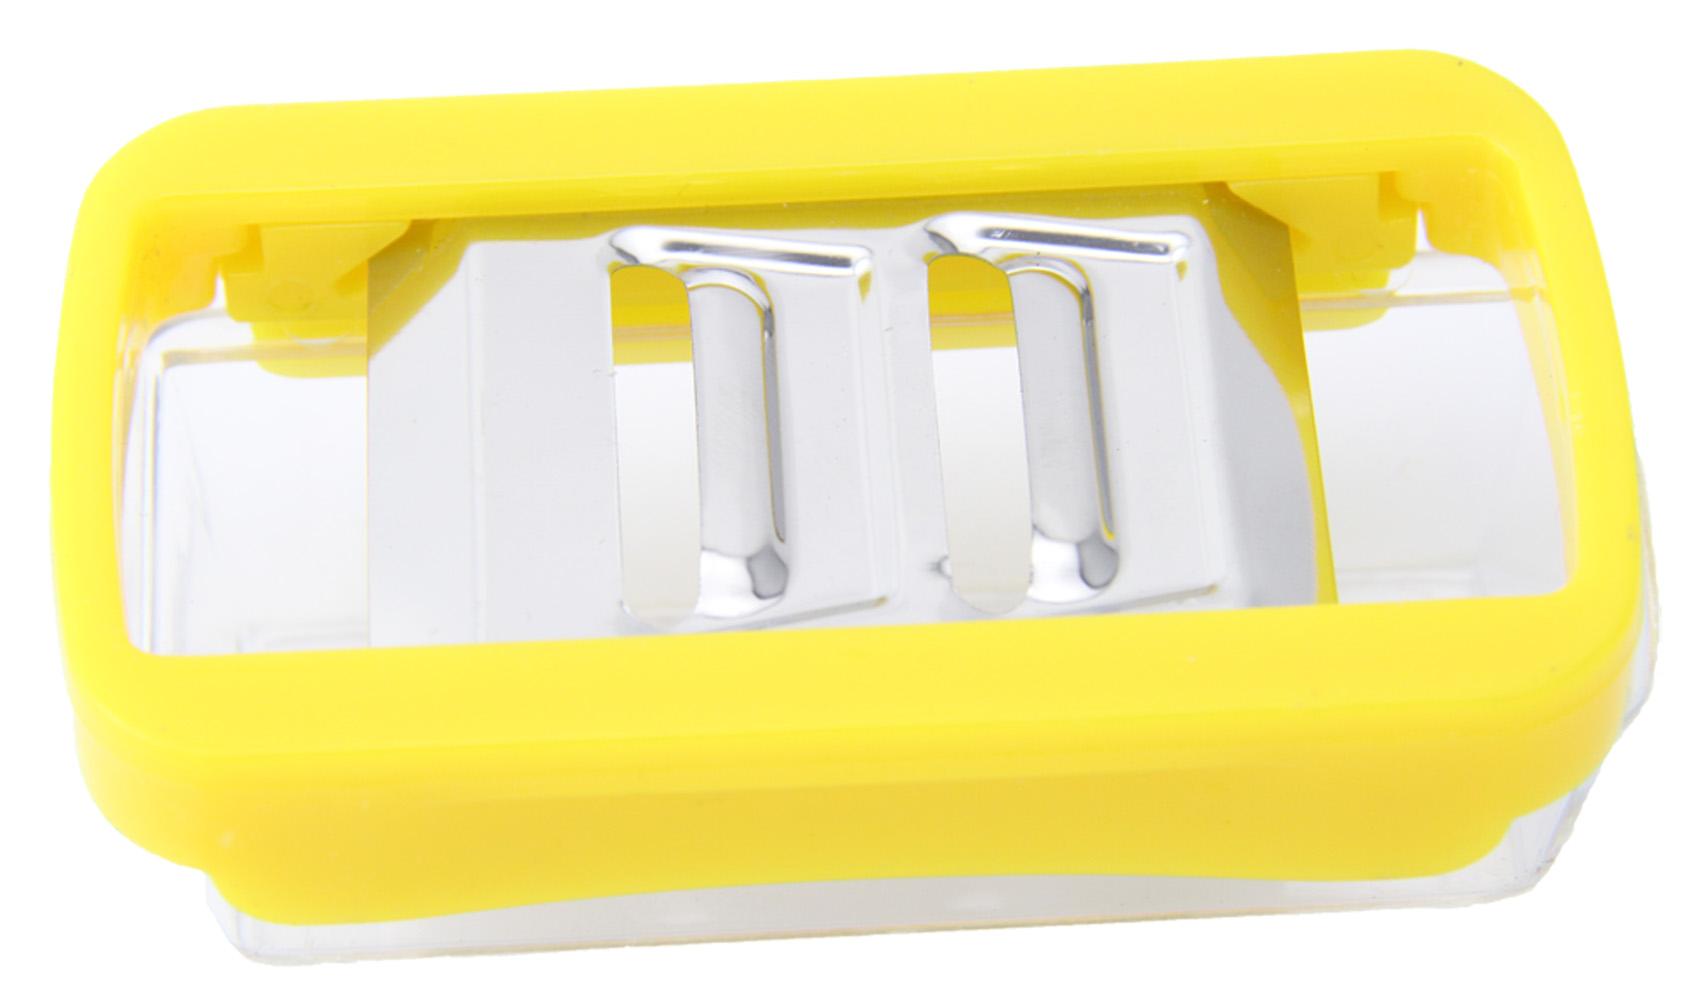 Kup Łatwo utrzymywane Tacki Multi Fruit i Warzywa Box Box,Łatwo utrzymywane Tacki Multi Fruit i Warzywa Box Box Cena,Łatwo utrzymywane Tacki Multi Fruit i Warzywa Box Box marki,Łatwo utrzymywane Tacki Multi Fruit i Warzywa Box Box Producent,Łatwo utrzymywane Tacki Multi Fruit i Warzywa Box Box Cytaty,Łatwo utrzymywane Tacki Multi Fruit i Warzywa Box Box spółka,